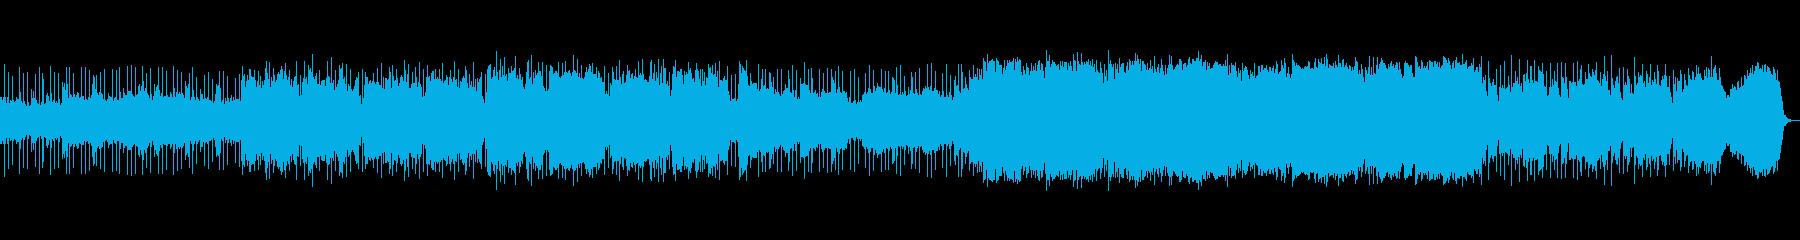 幻想的なシーンにあうBGMの再生済みの波形